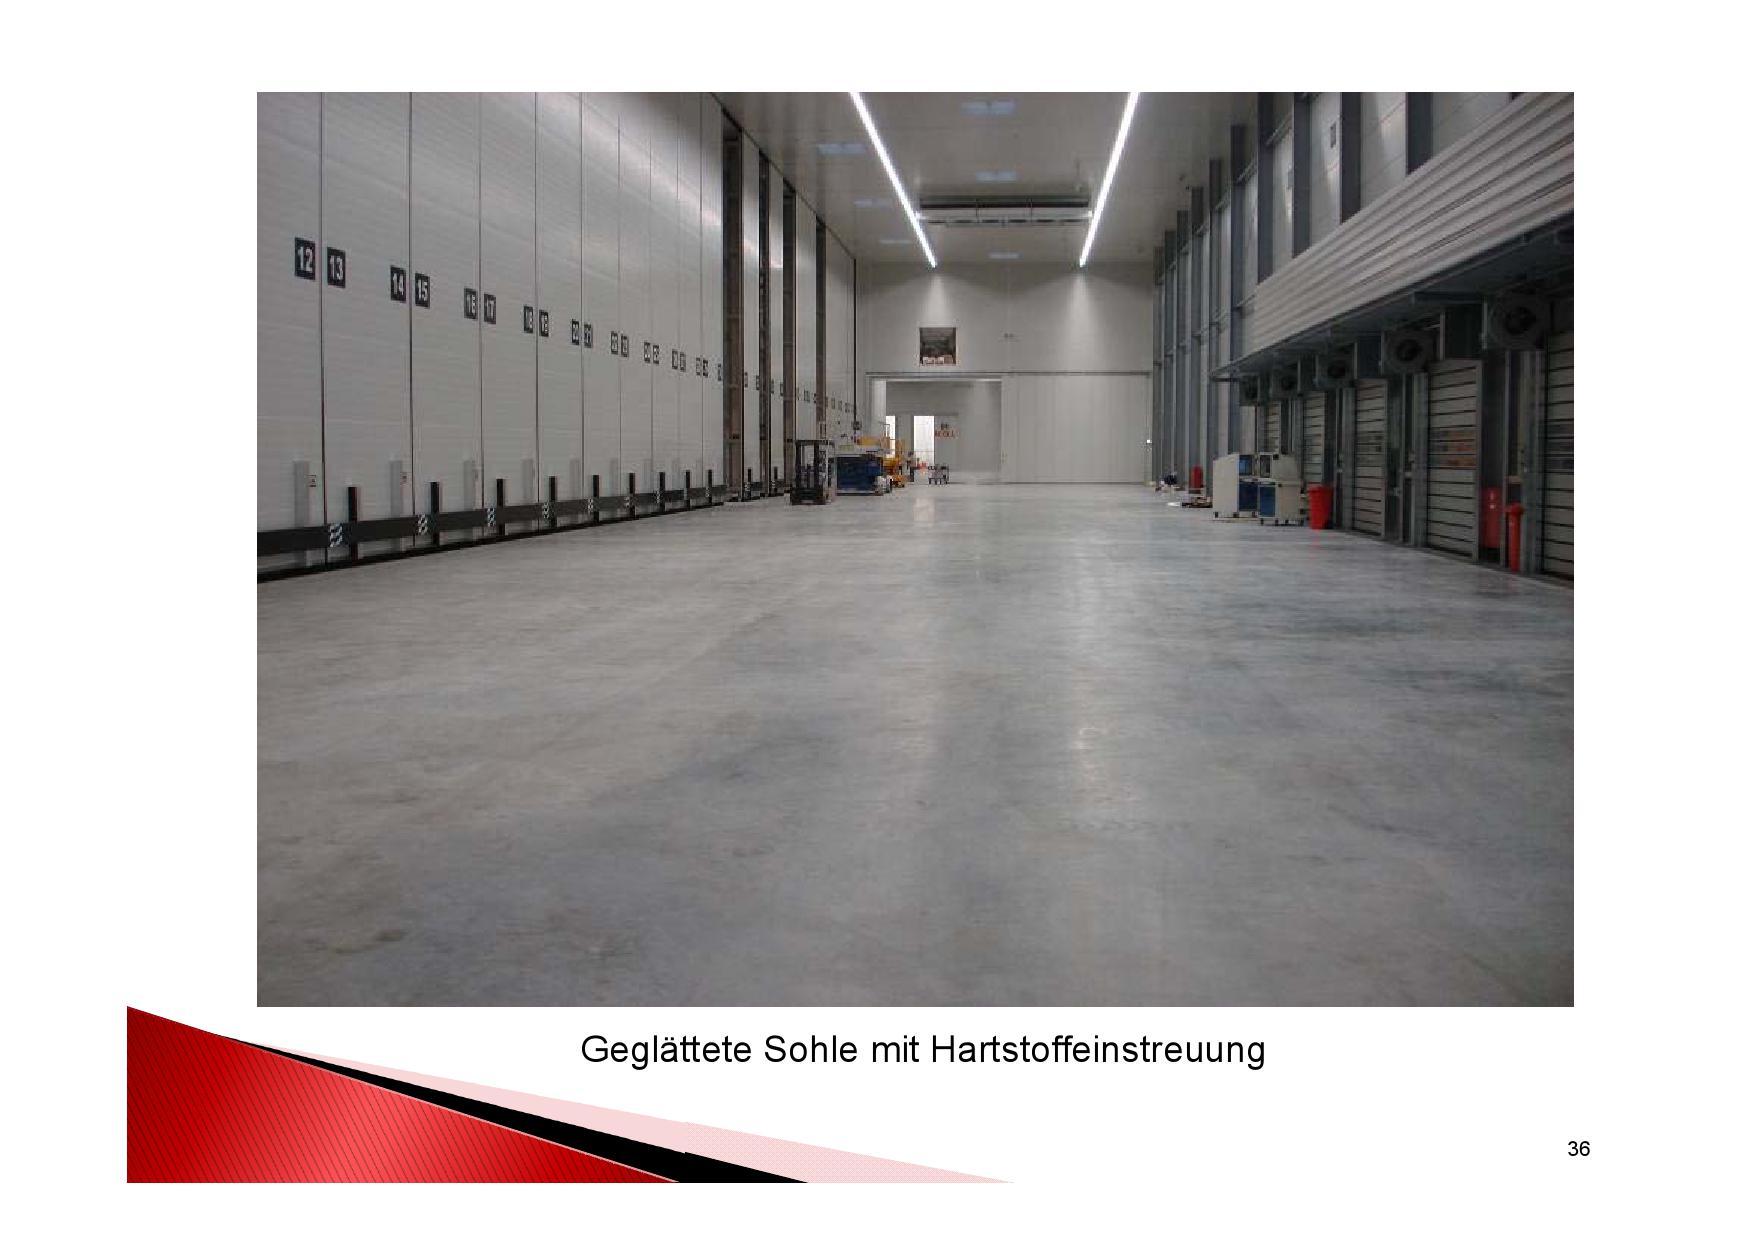 Nach Fertigstellung des Industriebodens: Geglättete Sohle mit Hartstoffeinstreuung